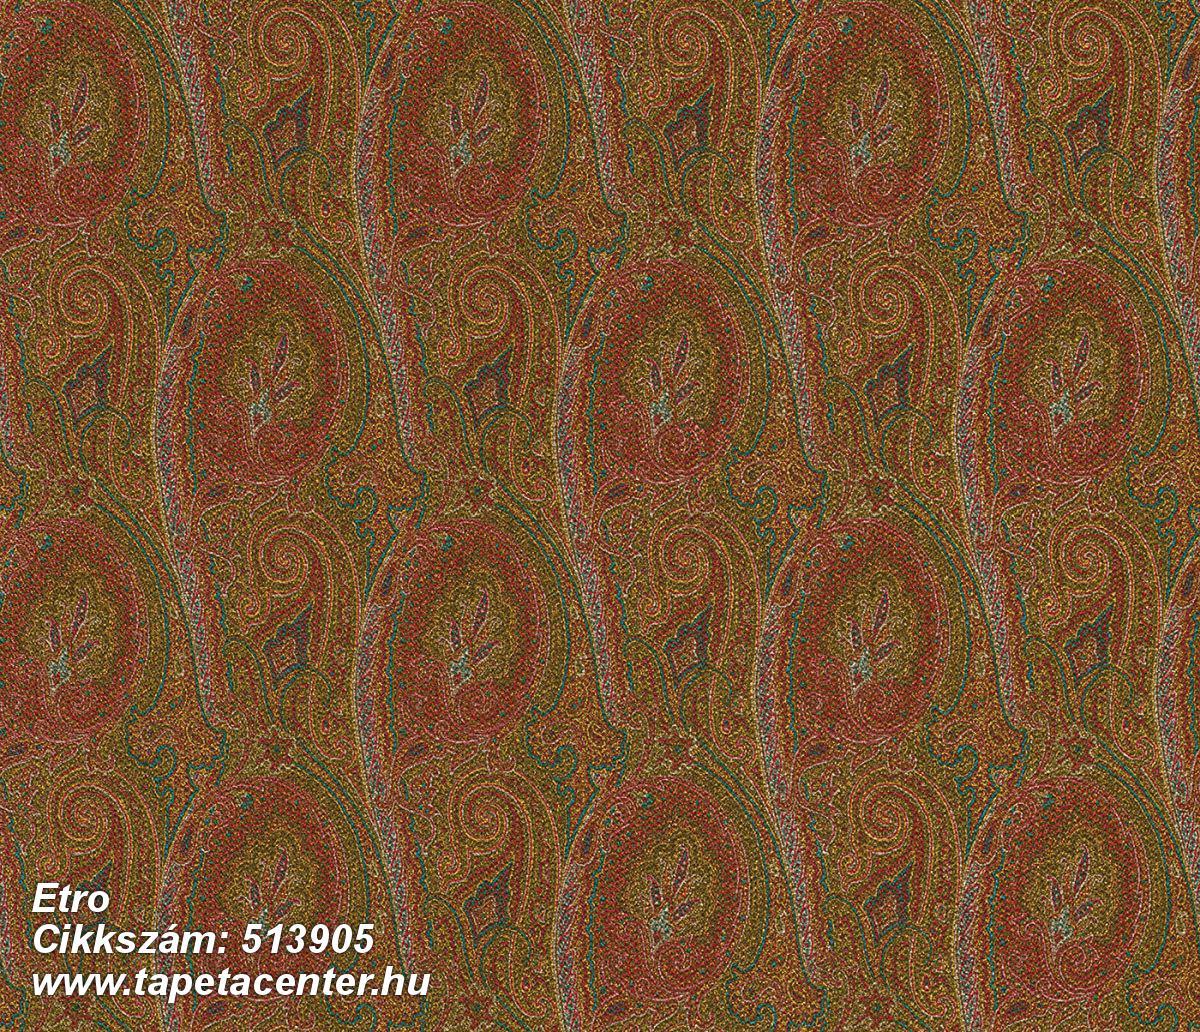 Rajzolt,textilmintás,virágmintás,barna,kék,narancs-terrakotta,piros-bordó,zöld,lemosható,Vlies tapéta